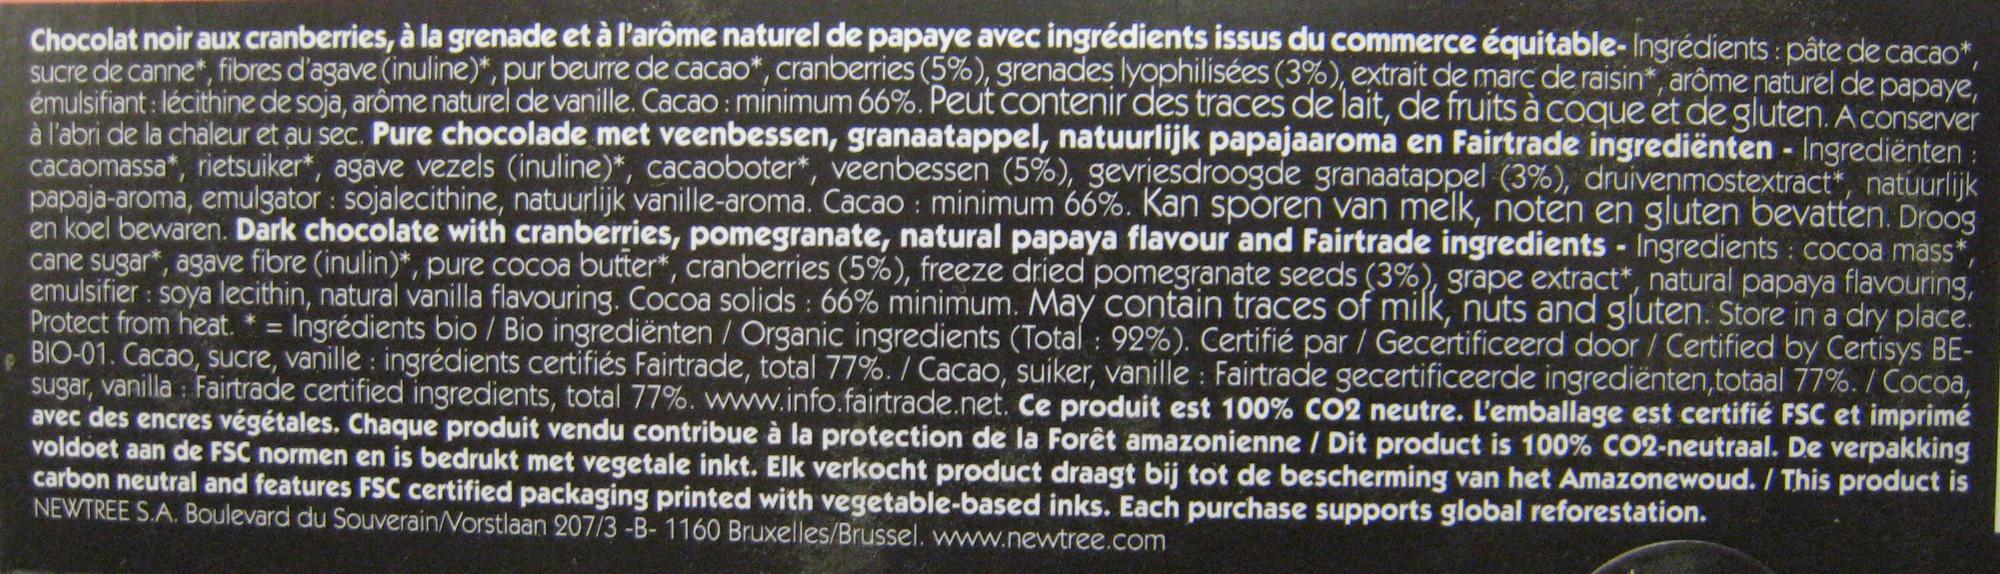 Chocolat Superfruit NewTree - Ingredientes